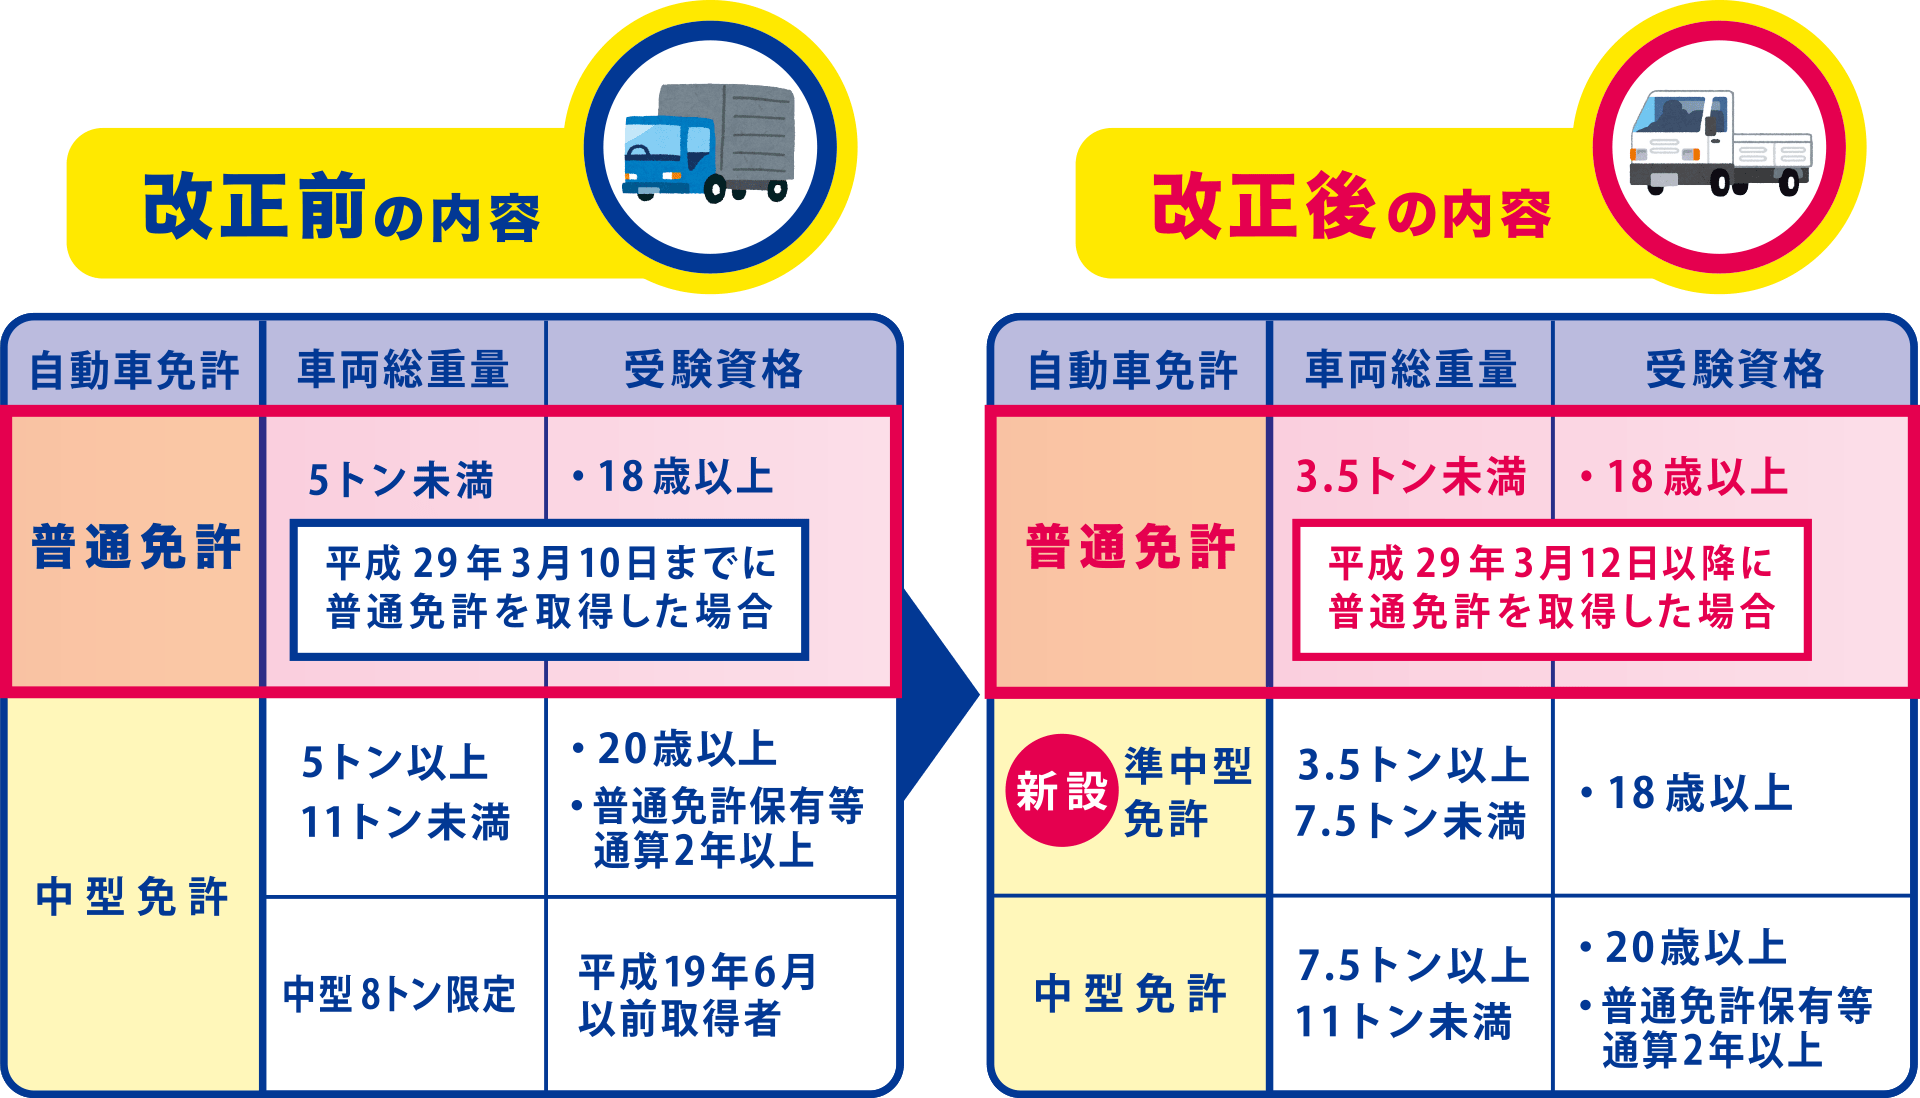 改正前の内容と改正後の内容比較表